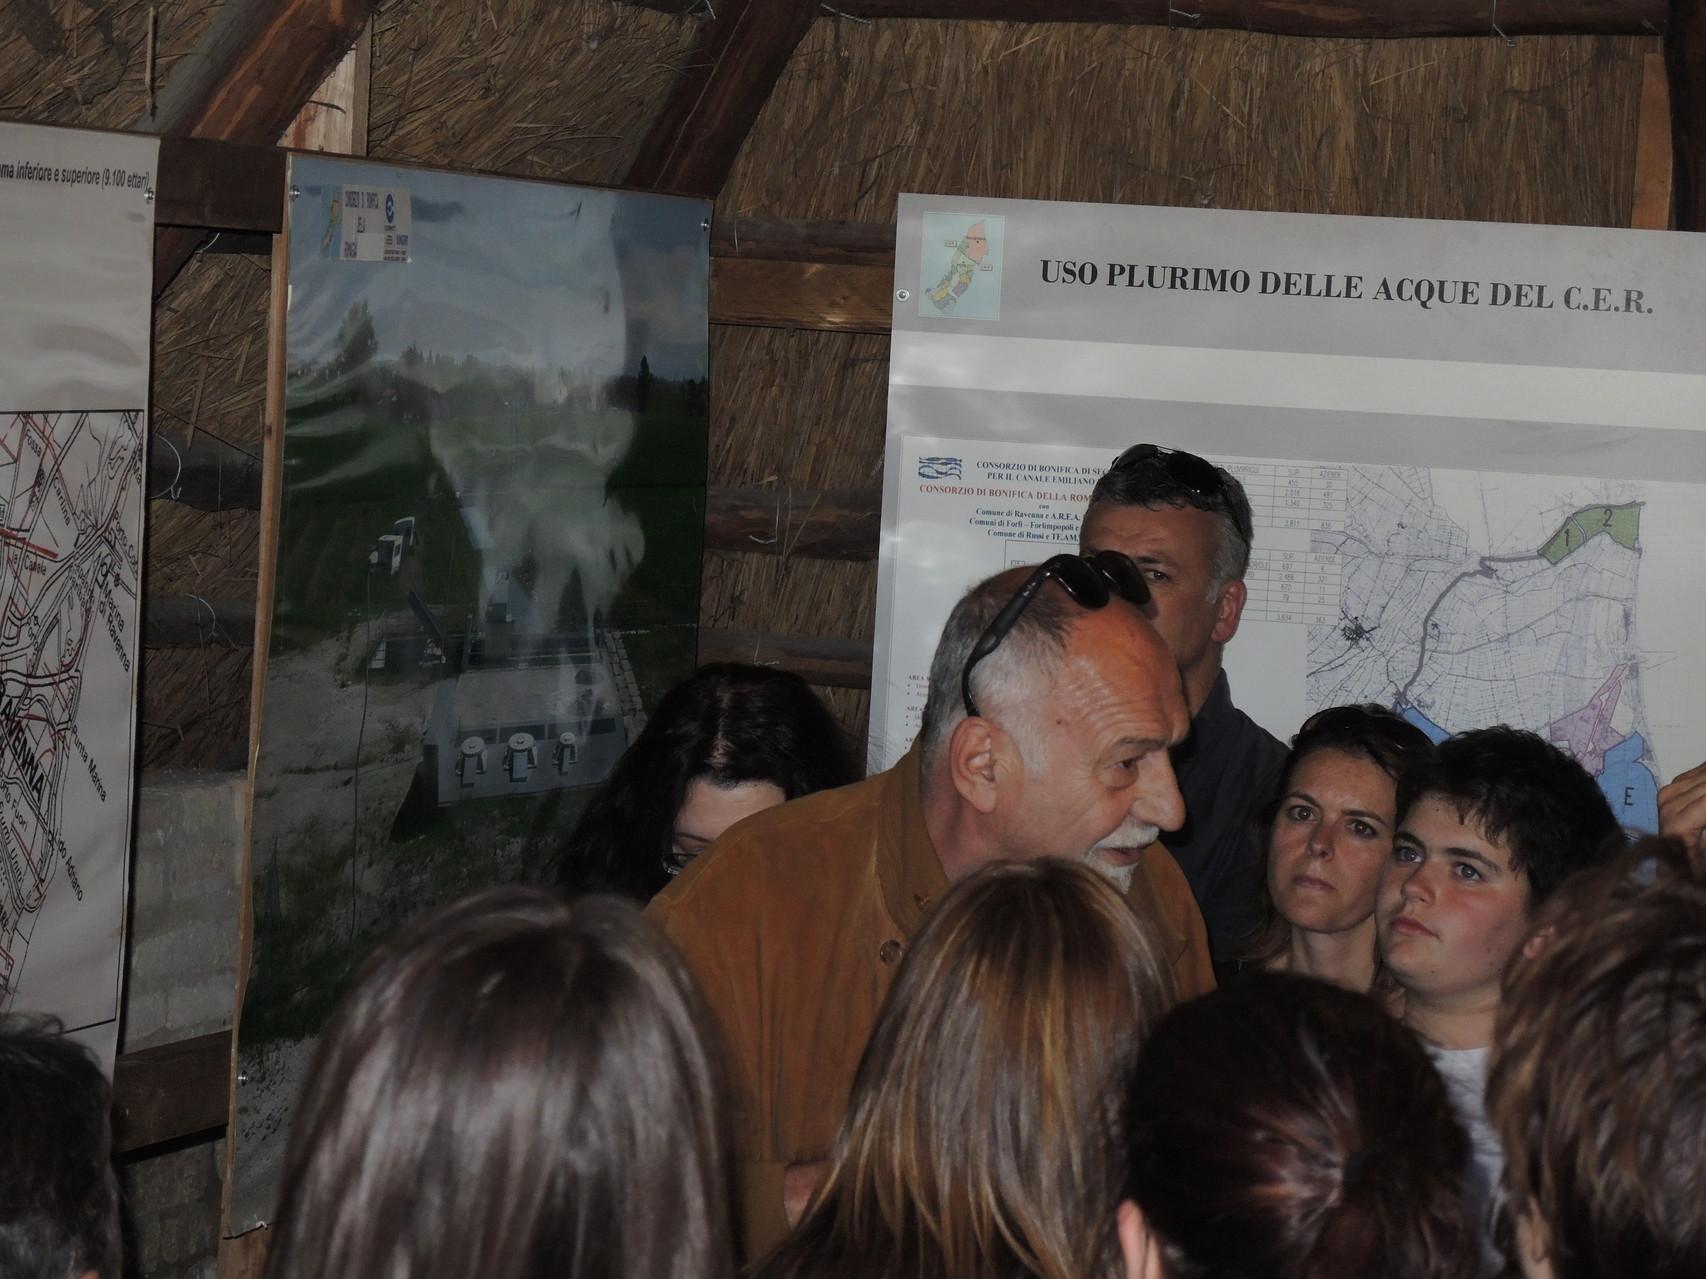 il Geom. Mazzotti Pensionato Consorzio Bonifica illustra le vicende idriche del territorio